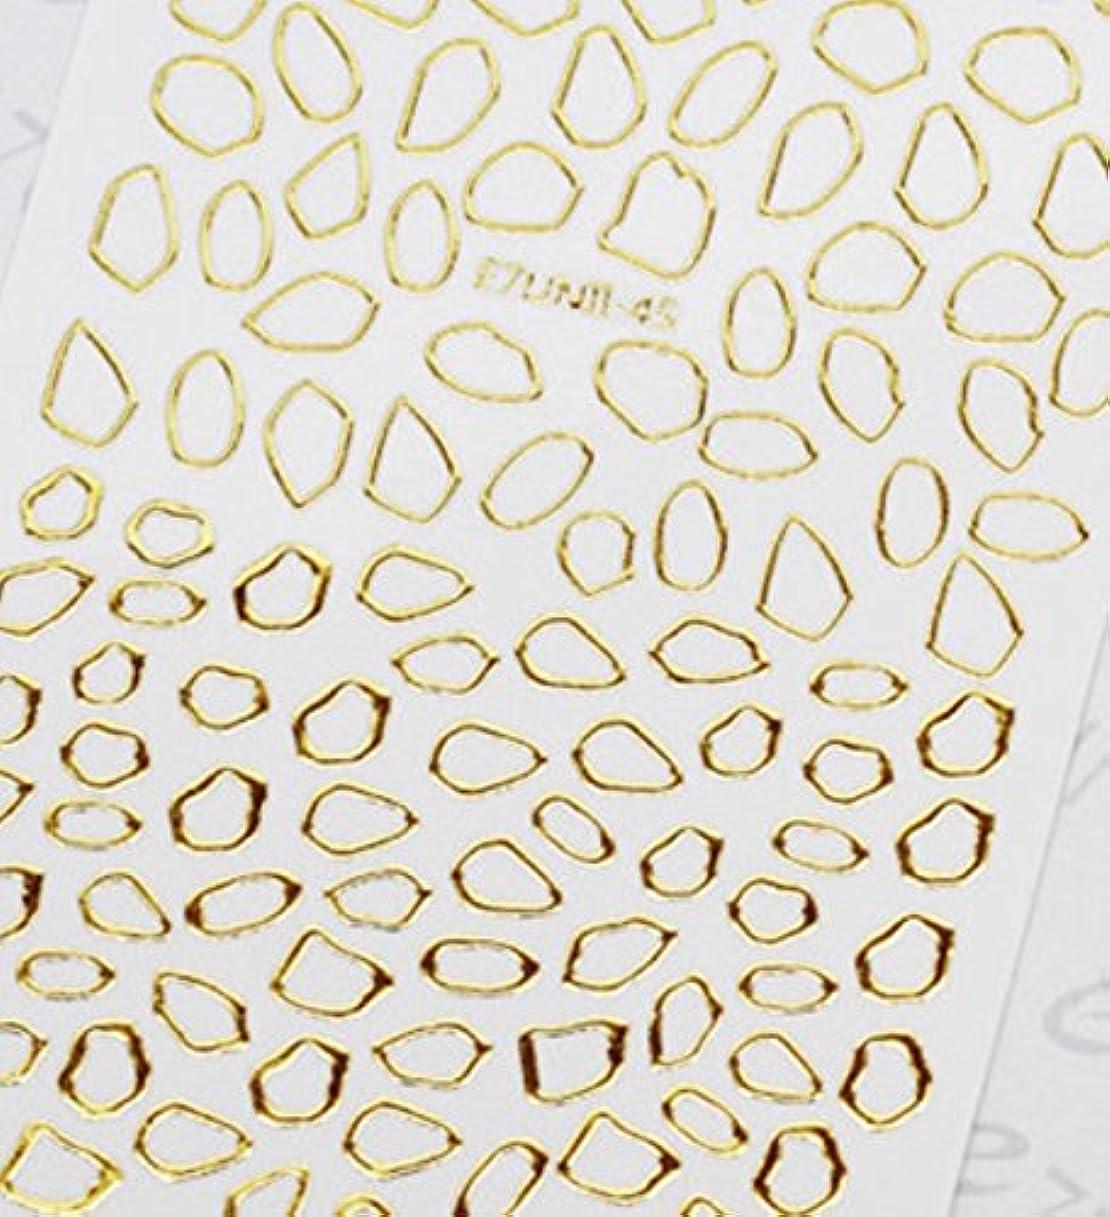 り引き潮リー極薄直接貼るタイプ ネイルシール スティッカー 枠 変形フレーム 垂らしこみアート用 多種多様なデザインに対応可能 ゴールド 金色 45番